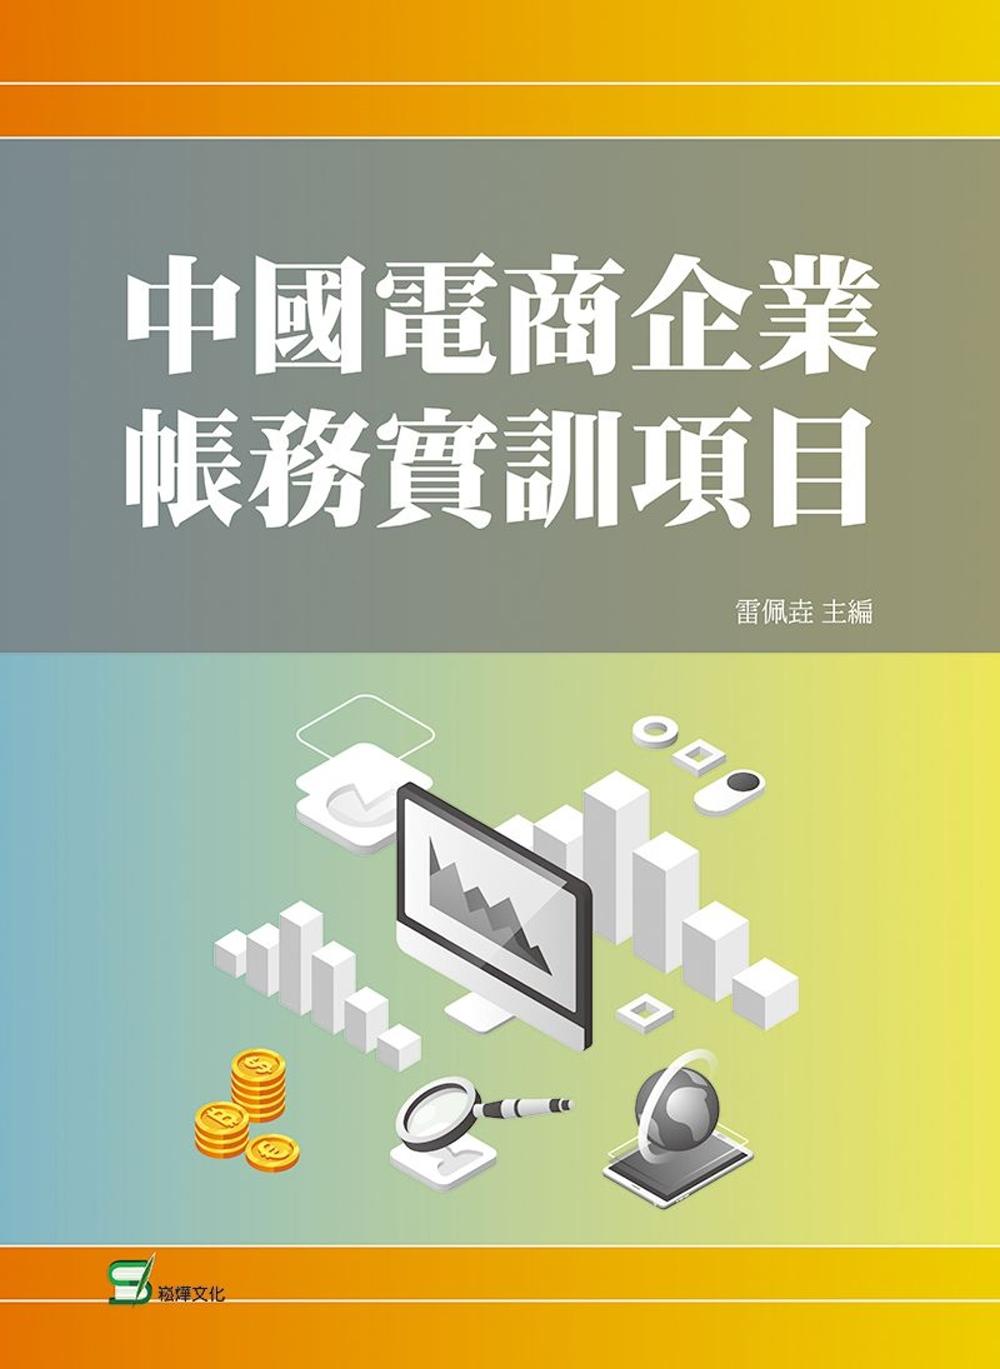 中國電商企業帳務實訓項目